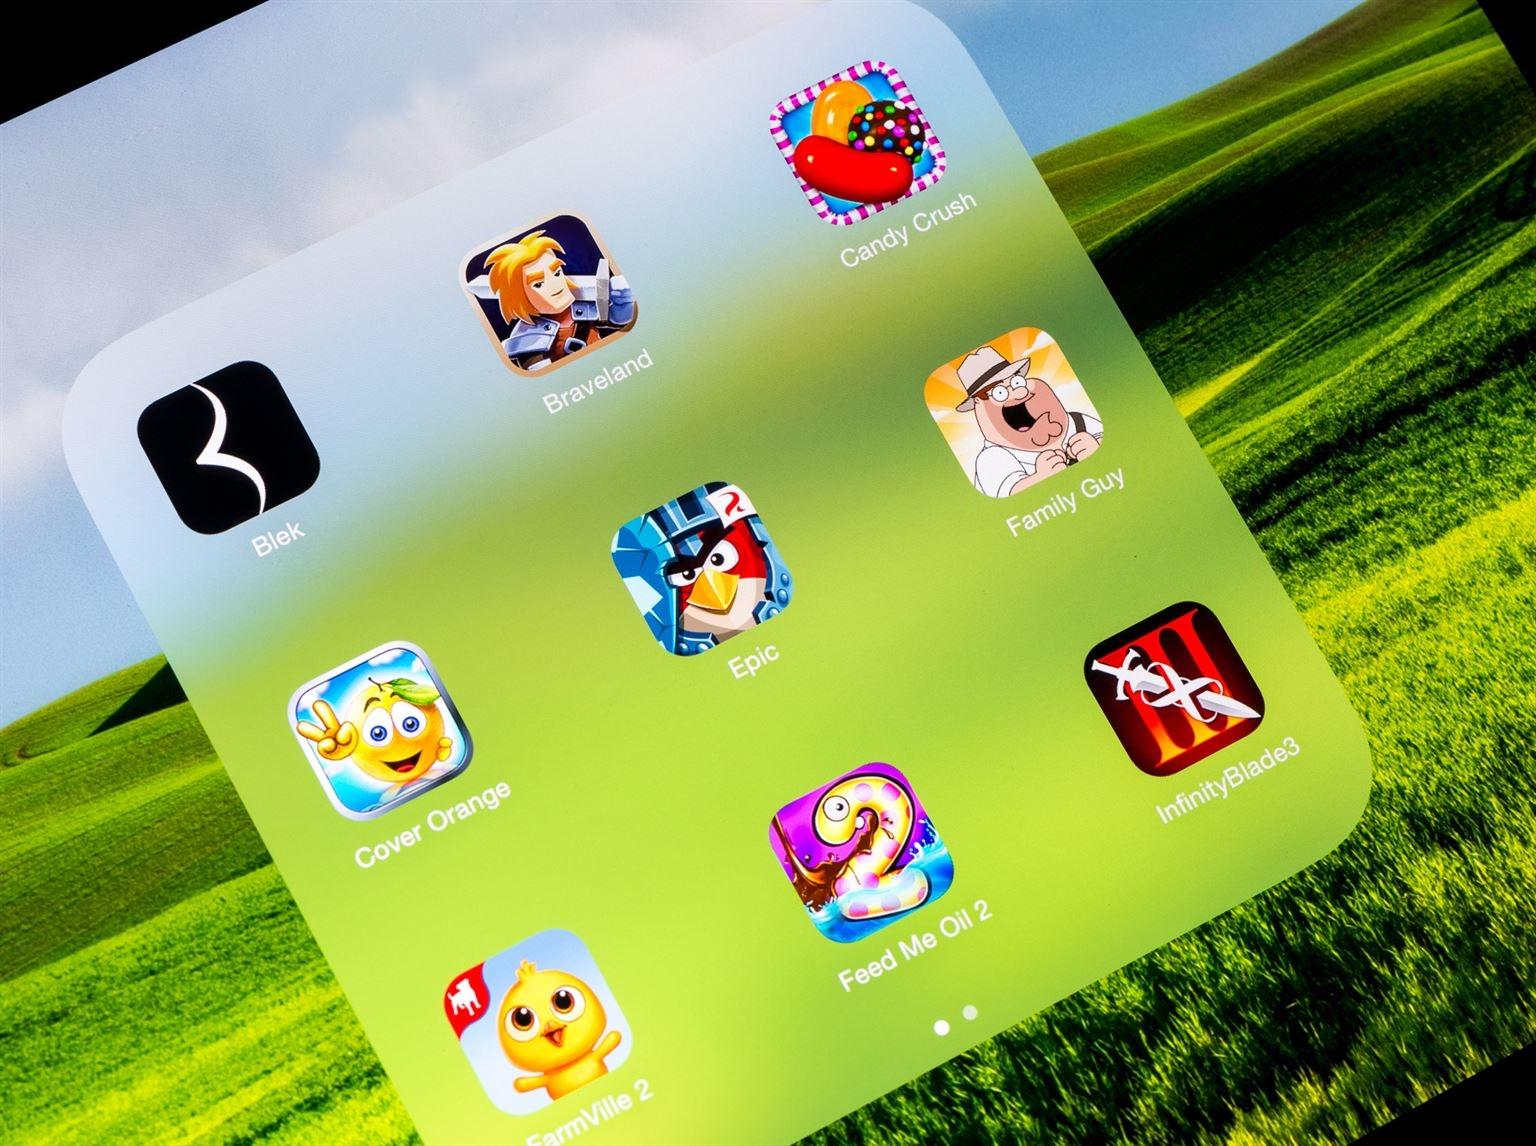 Jeux Sur Tablette: 64 Choix Pour Enfants | Protégez-Vous.ca destiné Jeux Educatif Gratuit 6 Ans